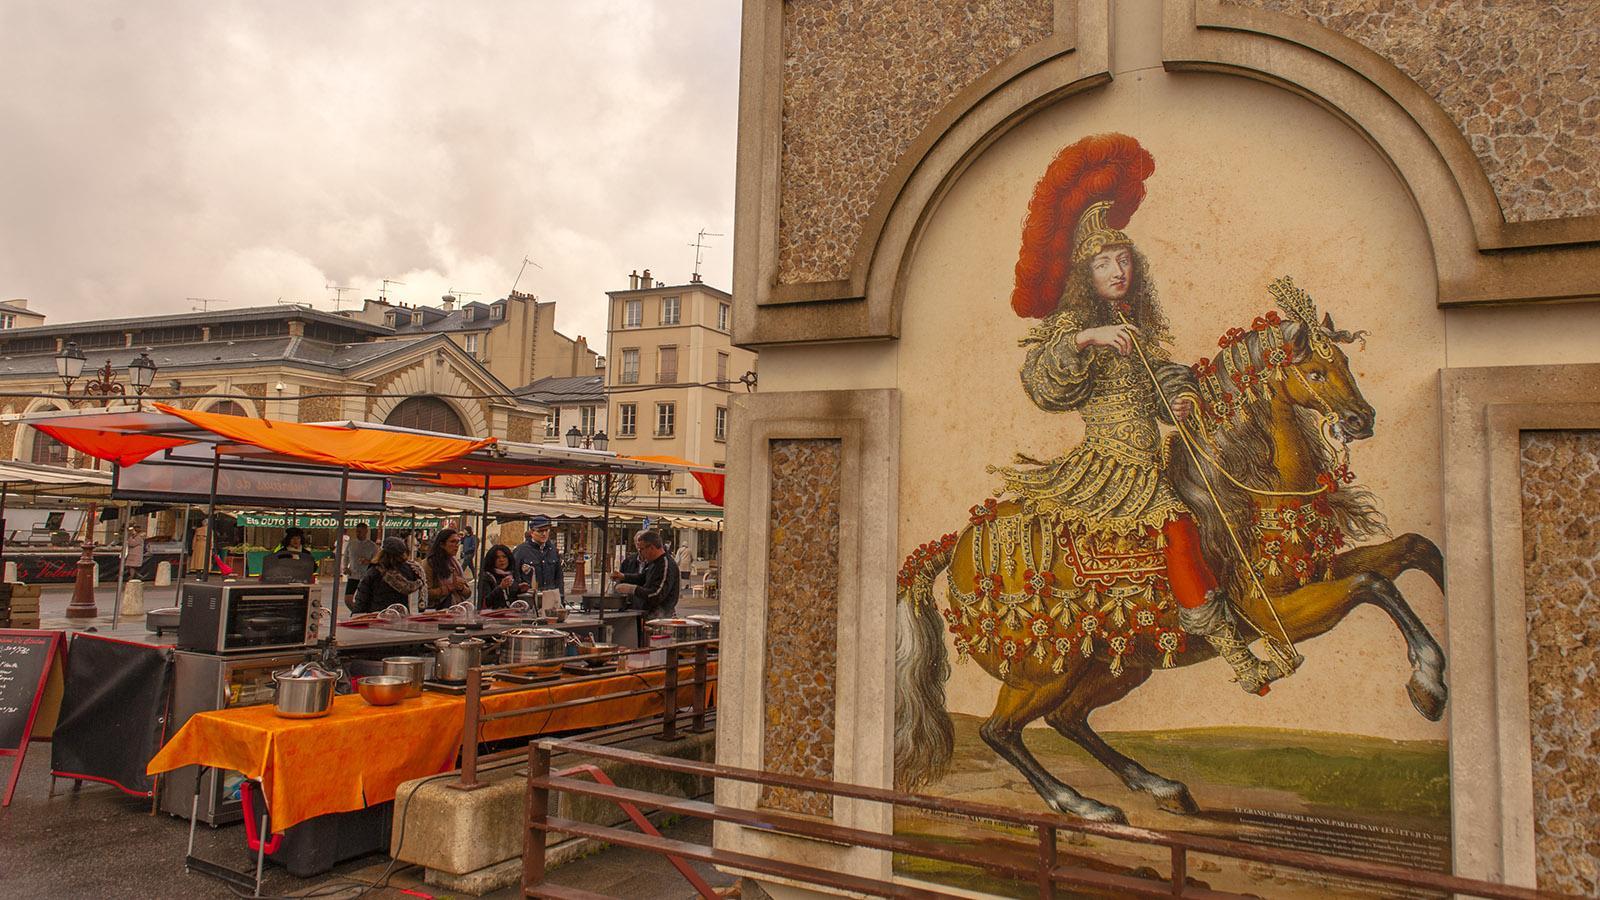 Auch auf dem Wochenmarkt ist der Sonnenkönig präsent! Foto: Hilke Maunder